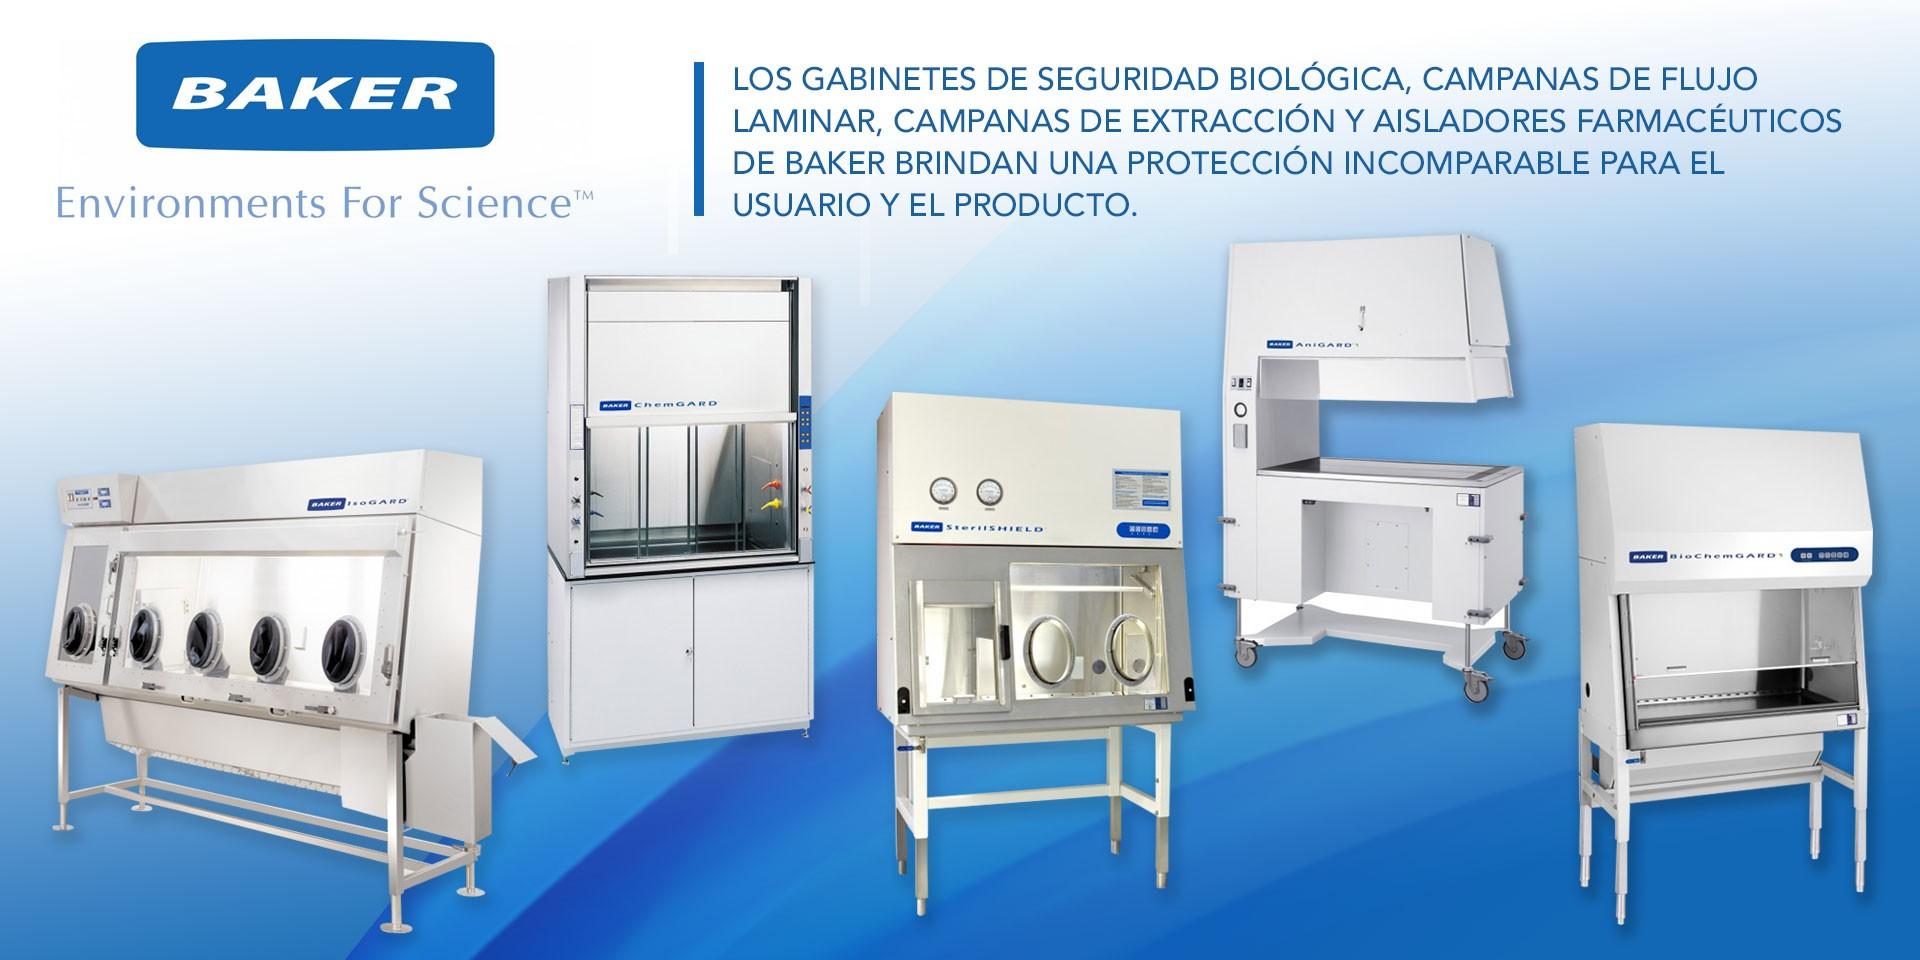 Gabinete de Seguridad Biológica, Gabinete de Flujo laminar, Campana de Flujo laminar, Gabinete de polipropileno, Baker